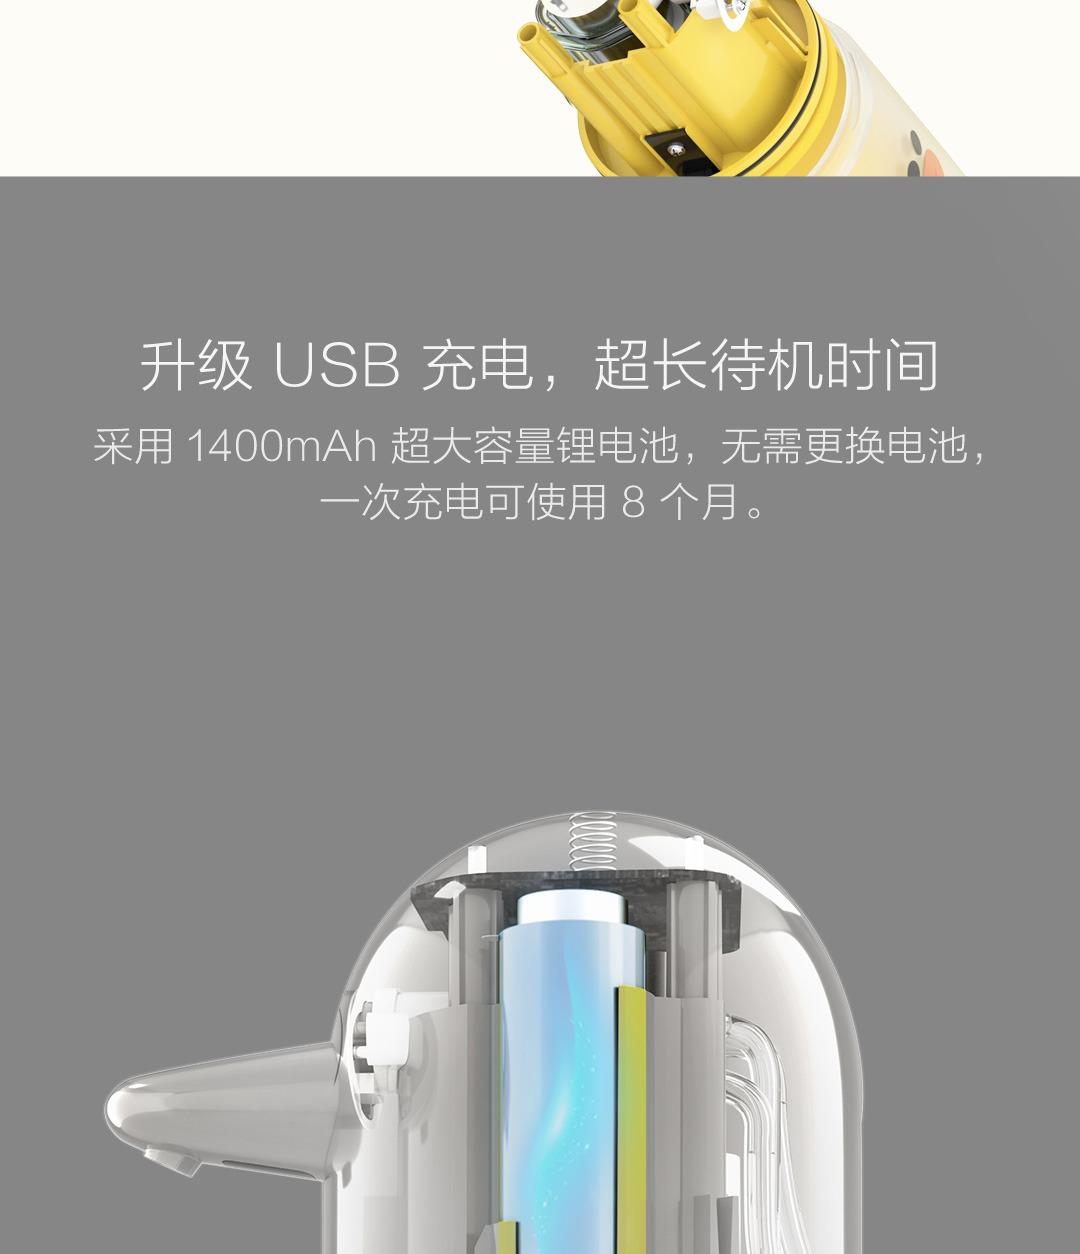 product_奇妙_米家自动洗手机套装莎莉定制版黄色